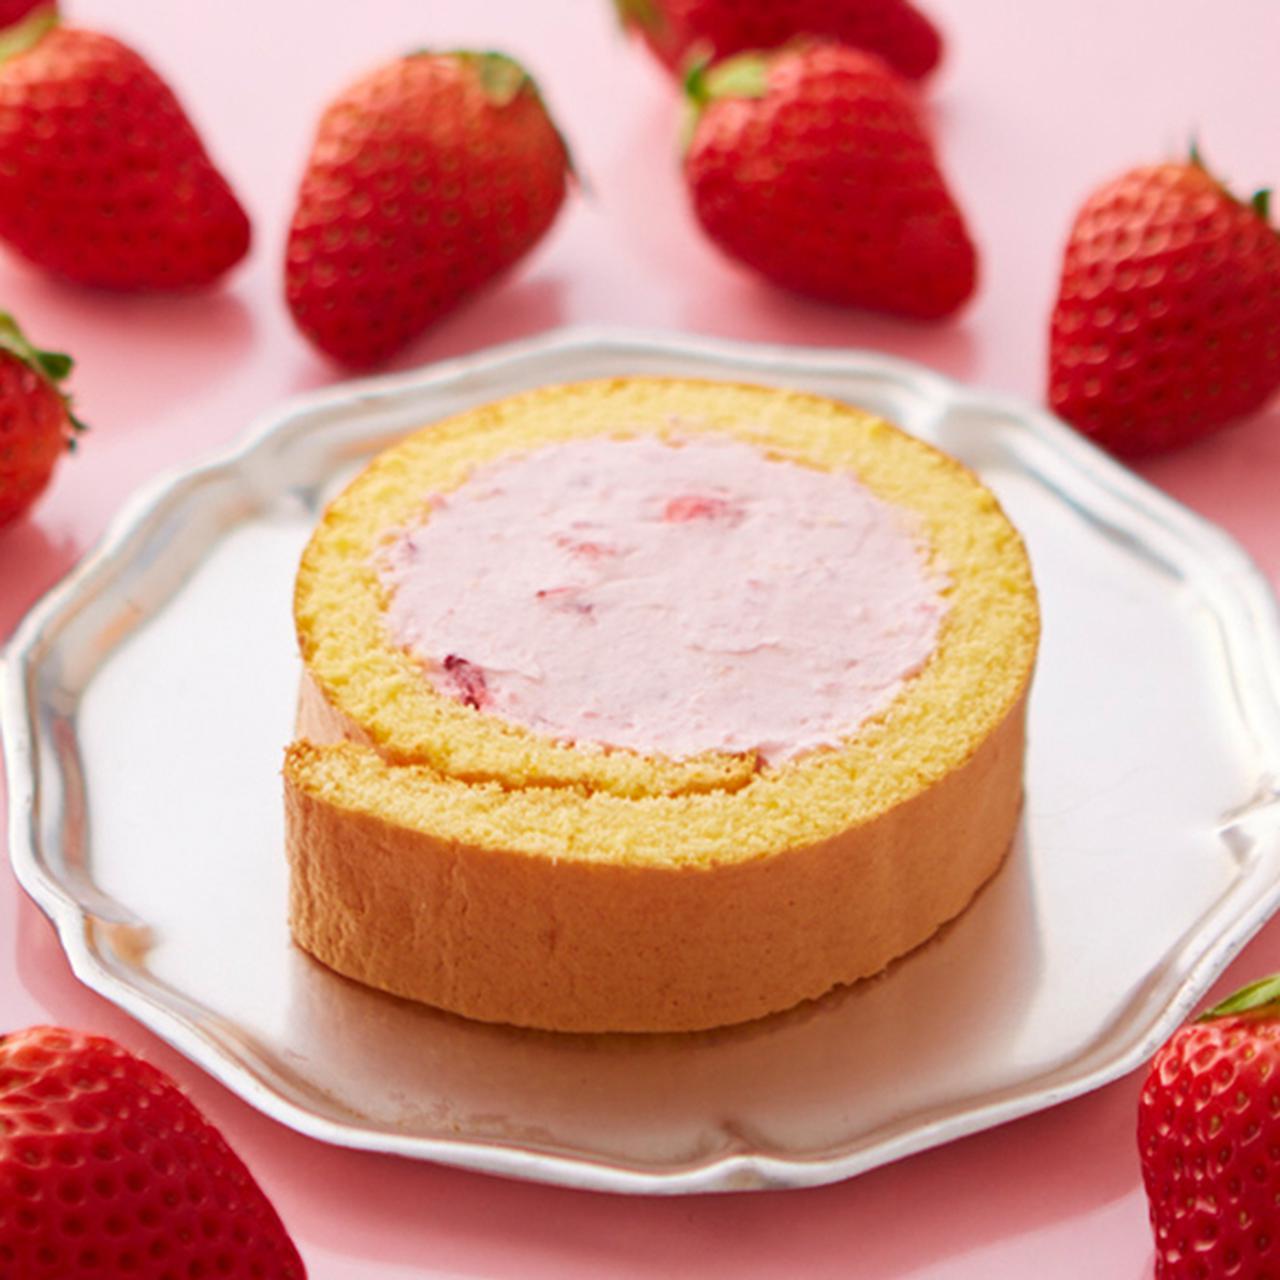 画像: 糖質50%カットのいちごクリームロール 価格129円 (税込) 1個当たりエネルギー190kcal、糖質10.3g(エリスリトールを除く) www.chateraise.co.jp